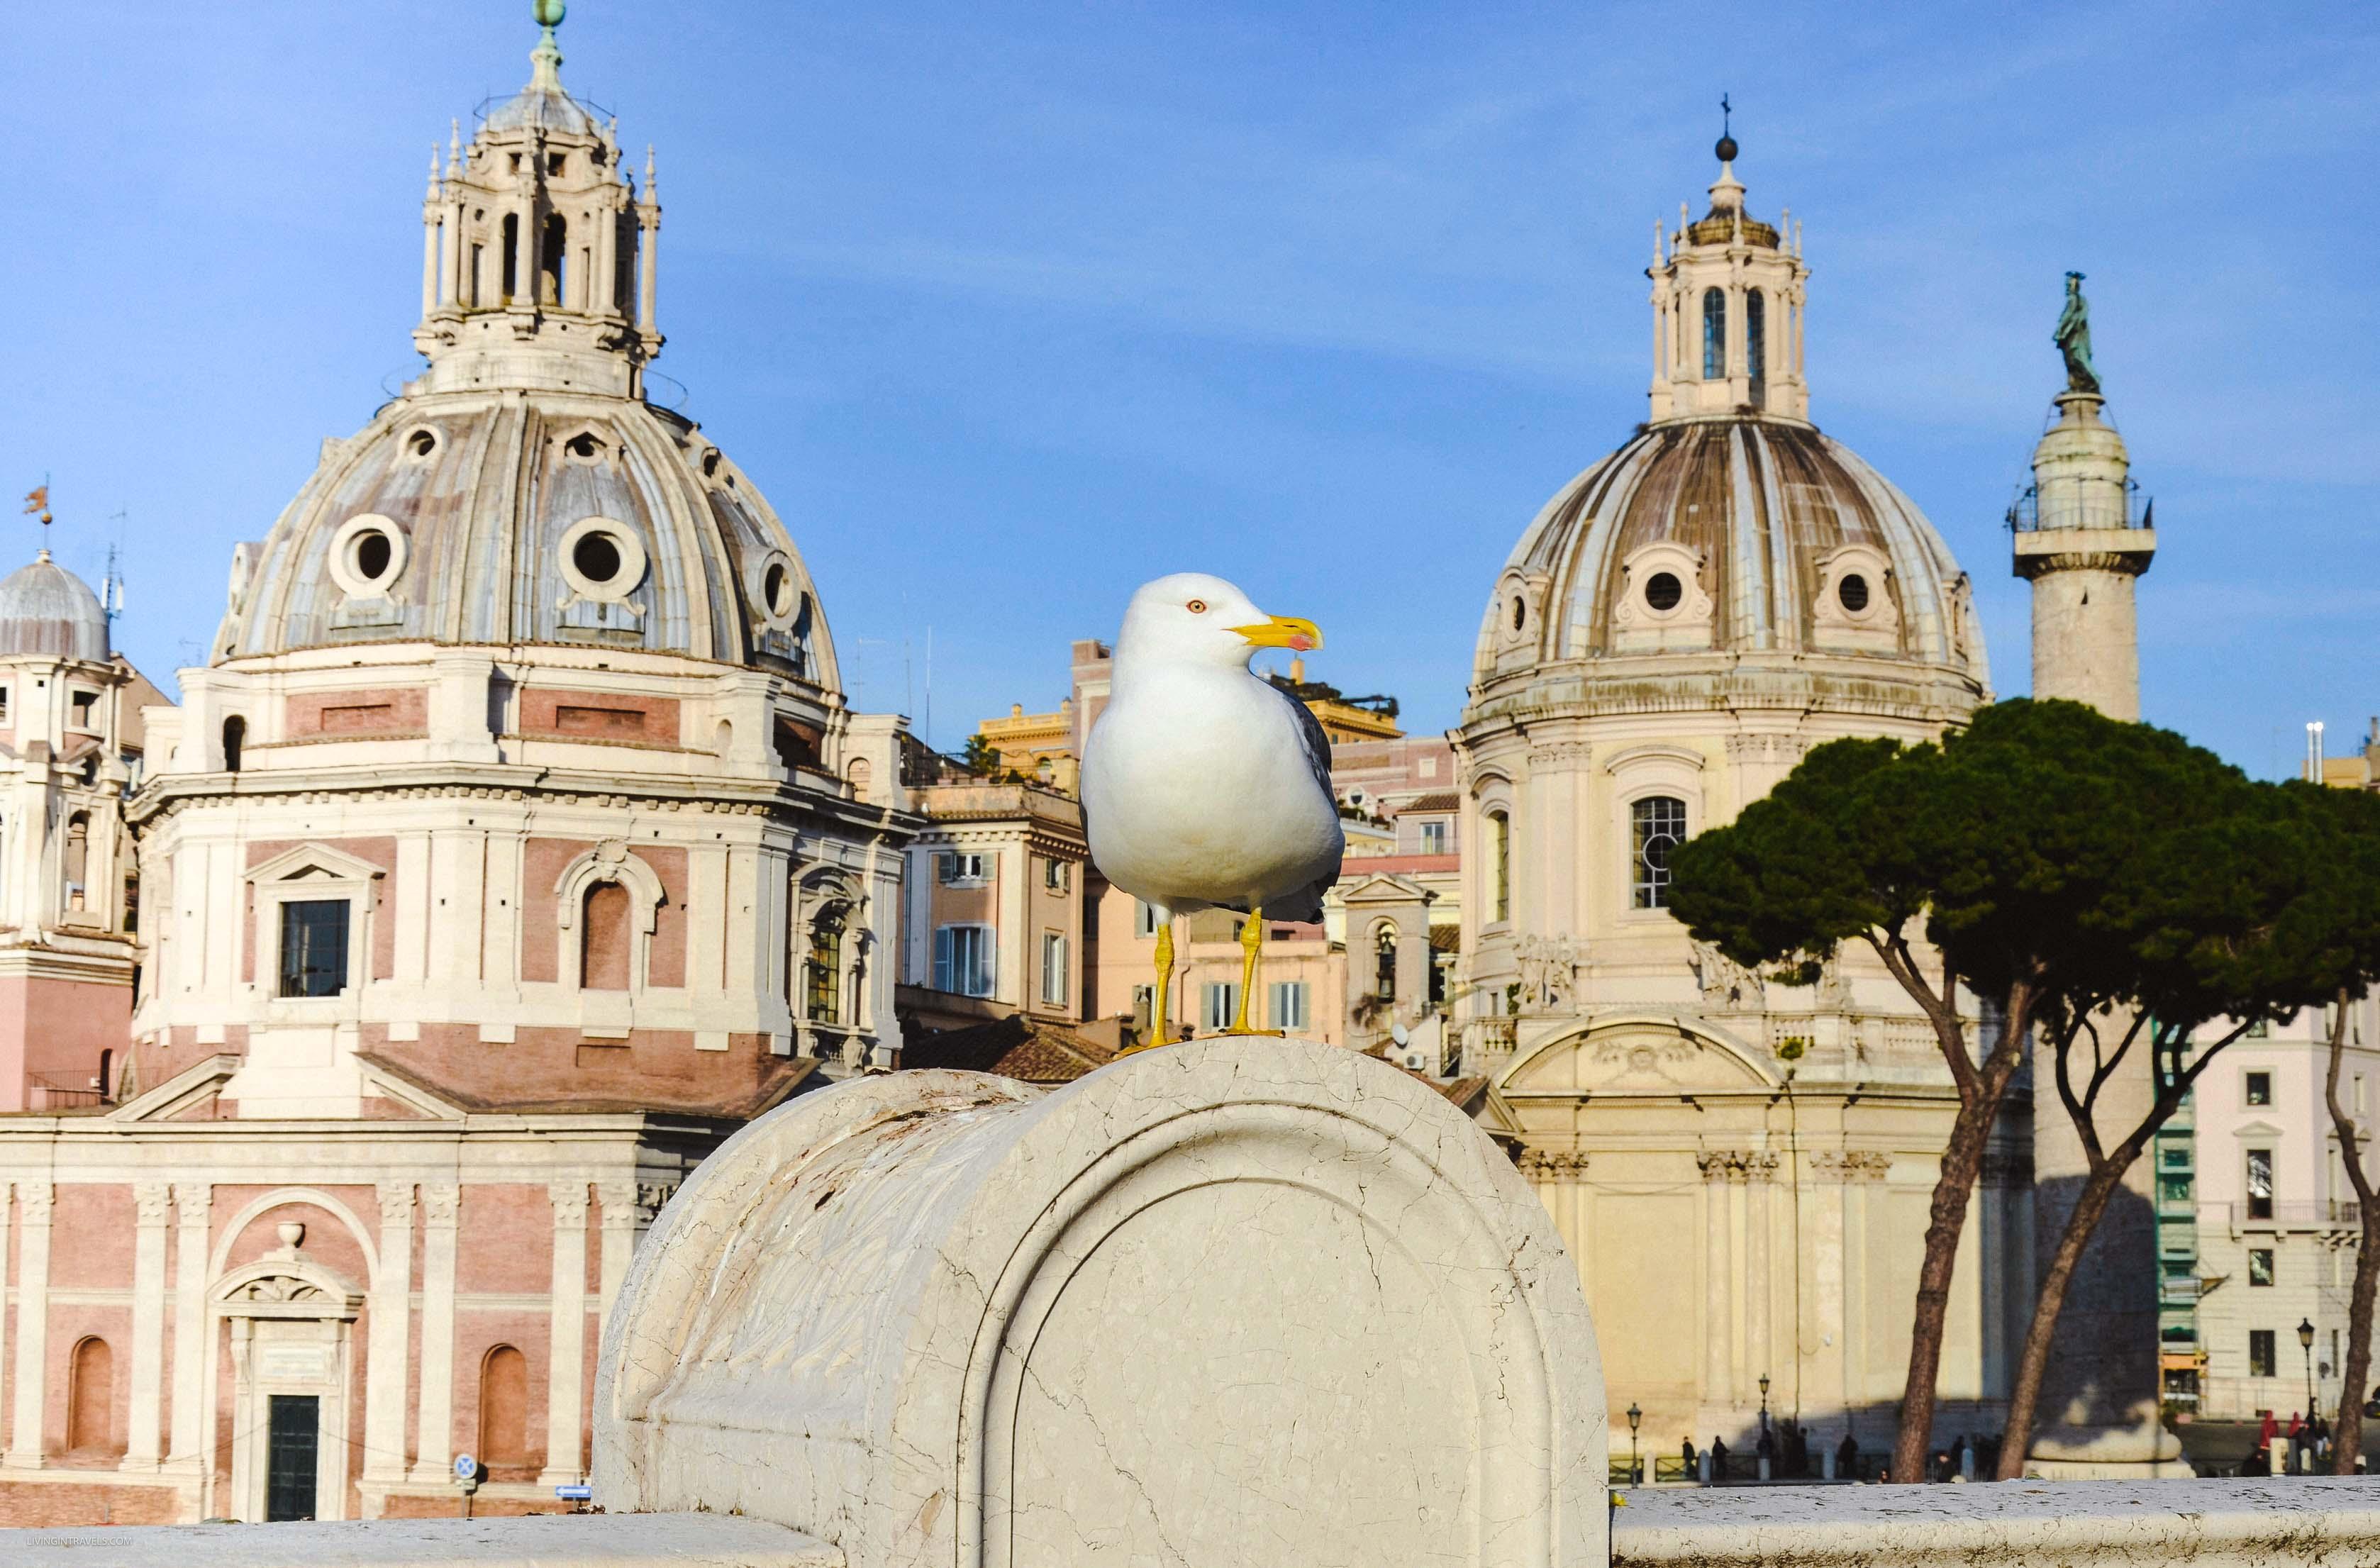 Монумент Витторио на Пьяцца Венеция. Рим для новичков или как увидеть город бесплатно (почти)